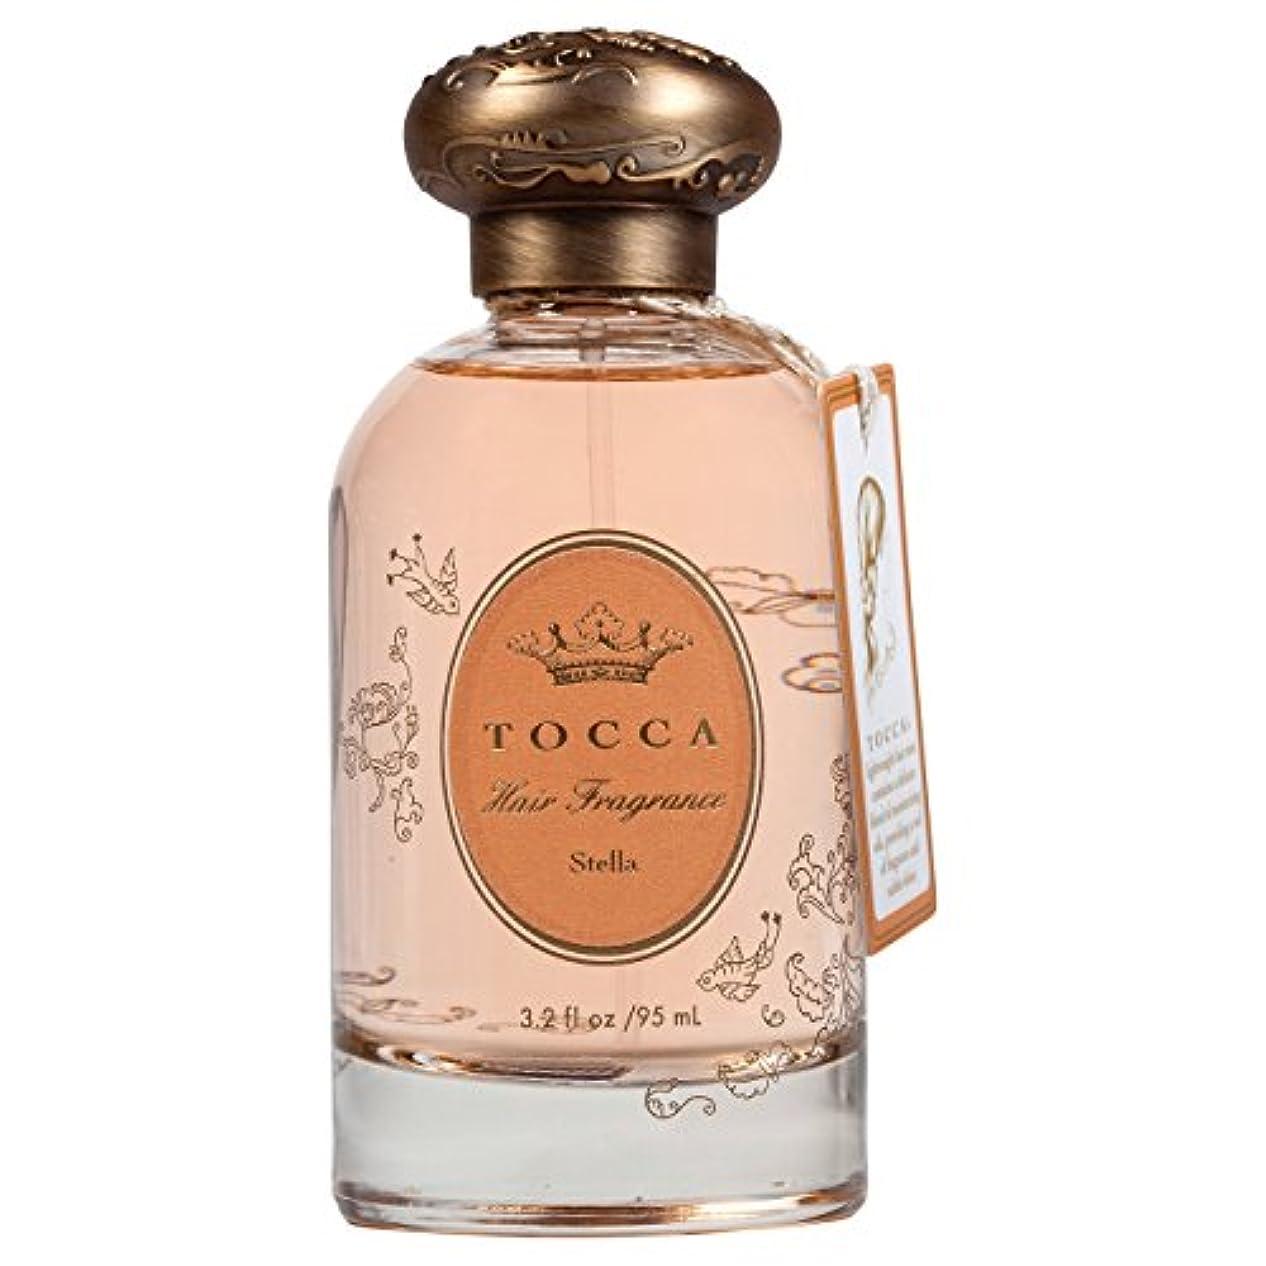 お風呂寓話クラシックトッカ(TOCCA) ヘアフレグランスミスト ステラの香り 95ml